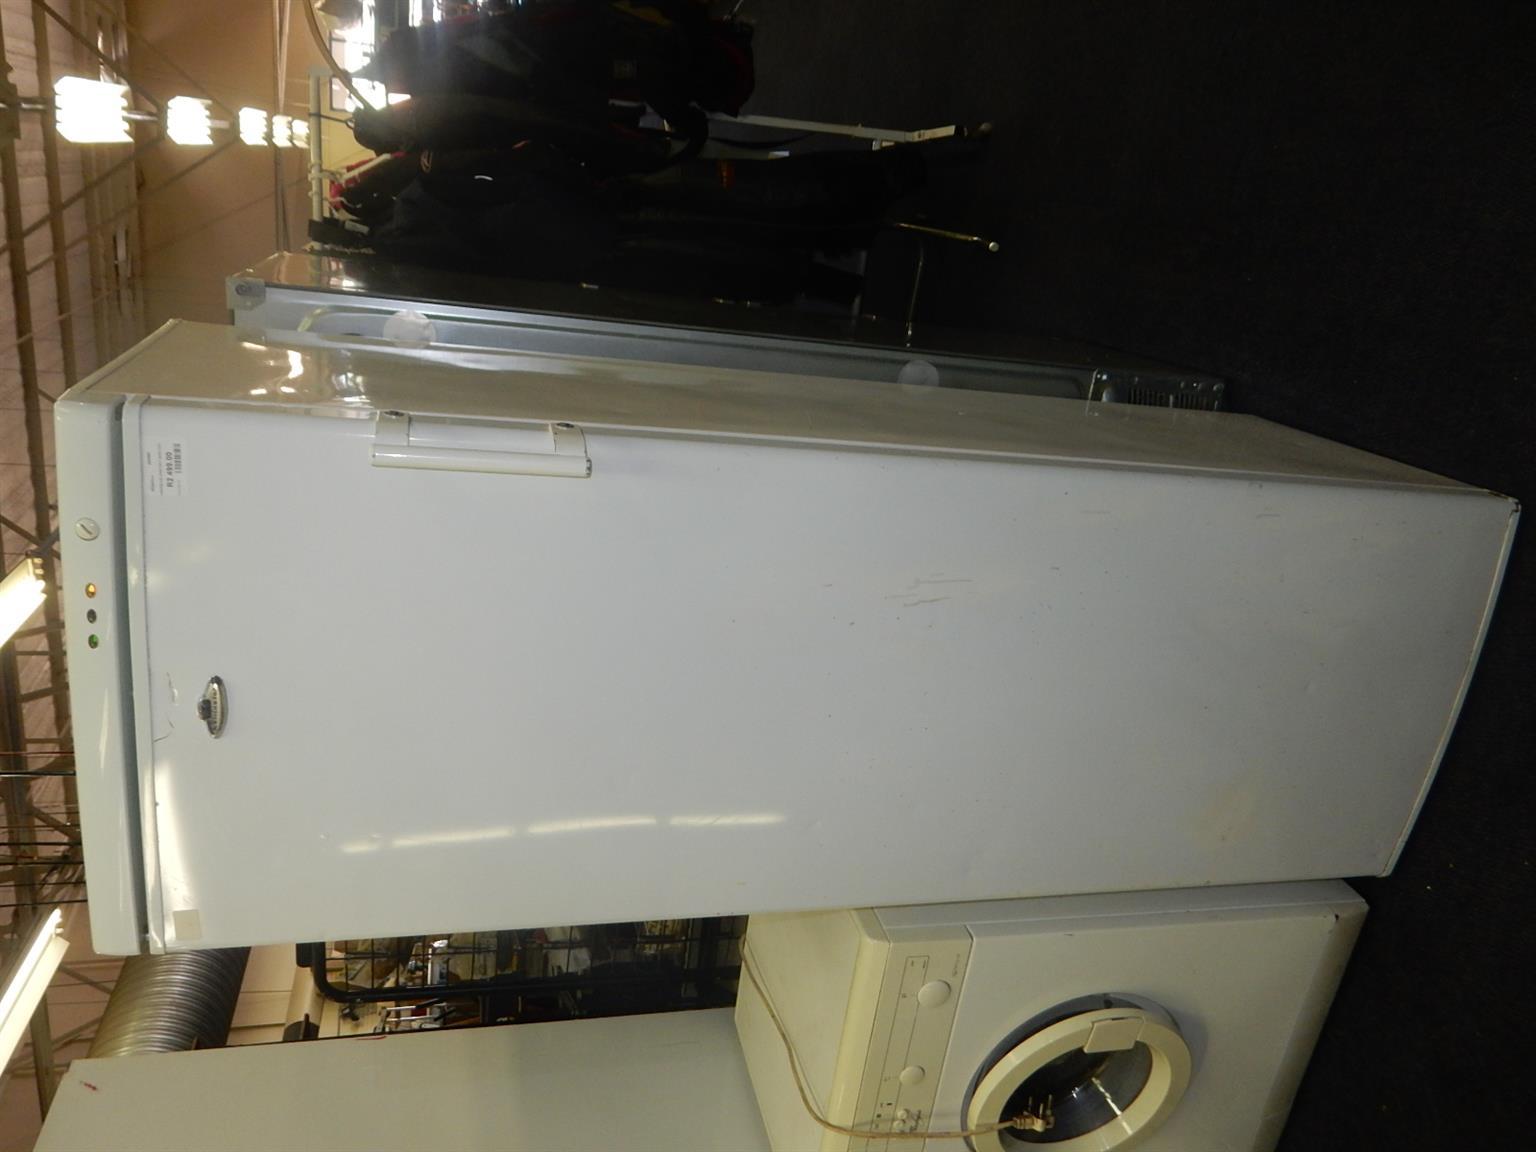 Kelvinator Upright Freezer